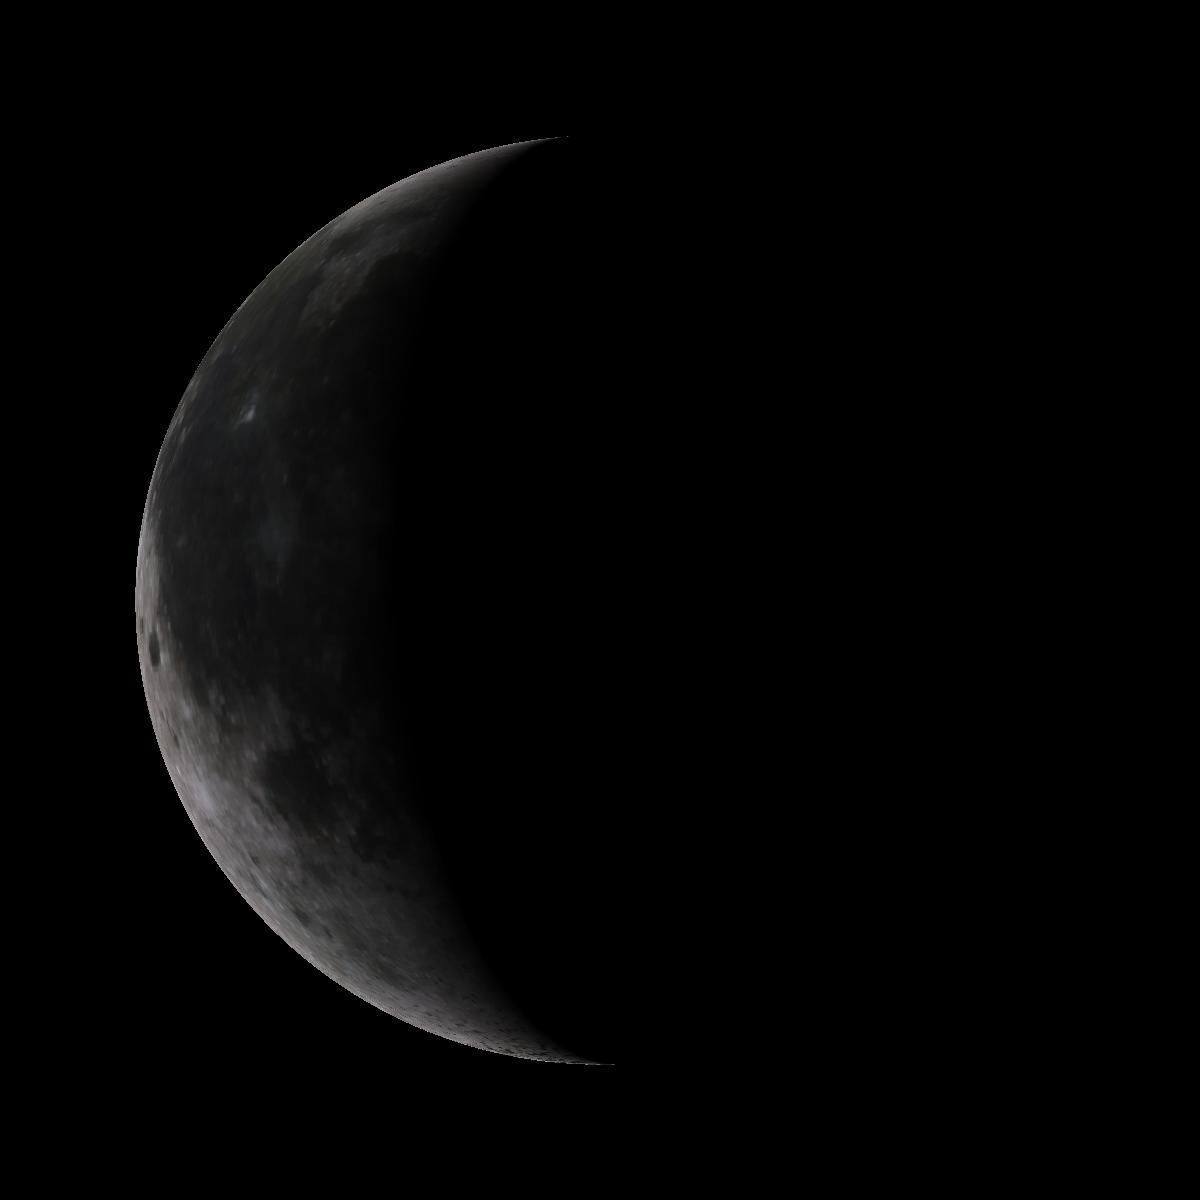 Lune du 18 février 2020